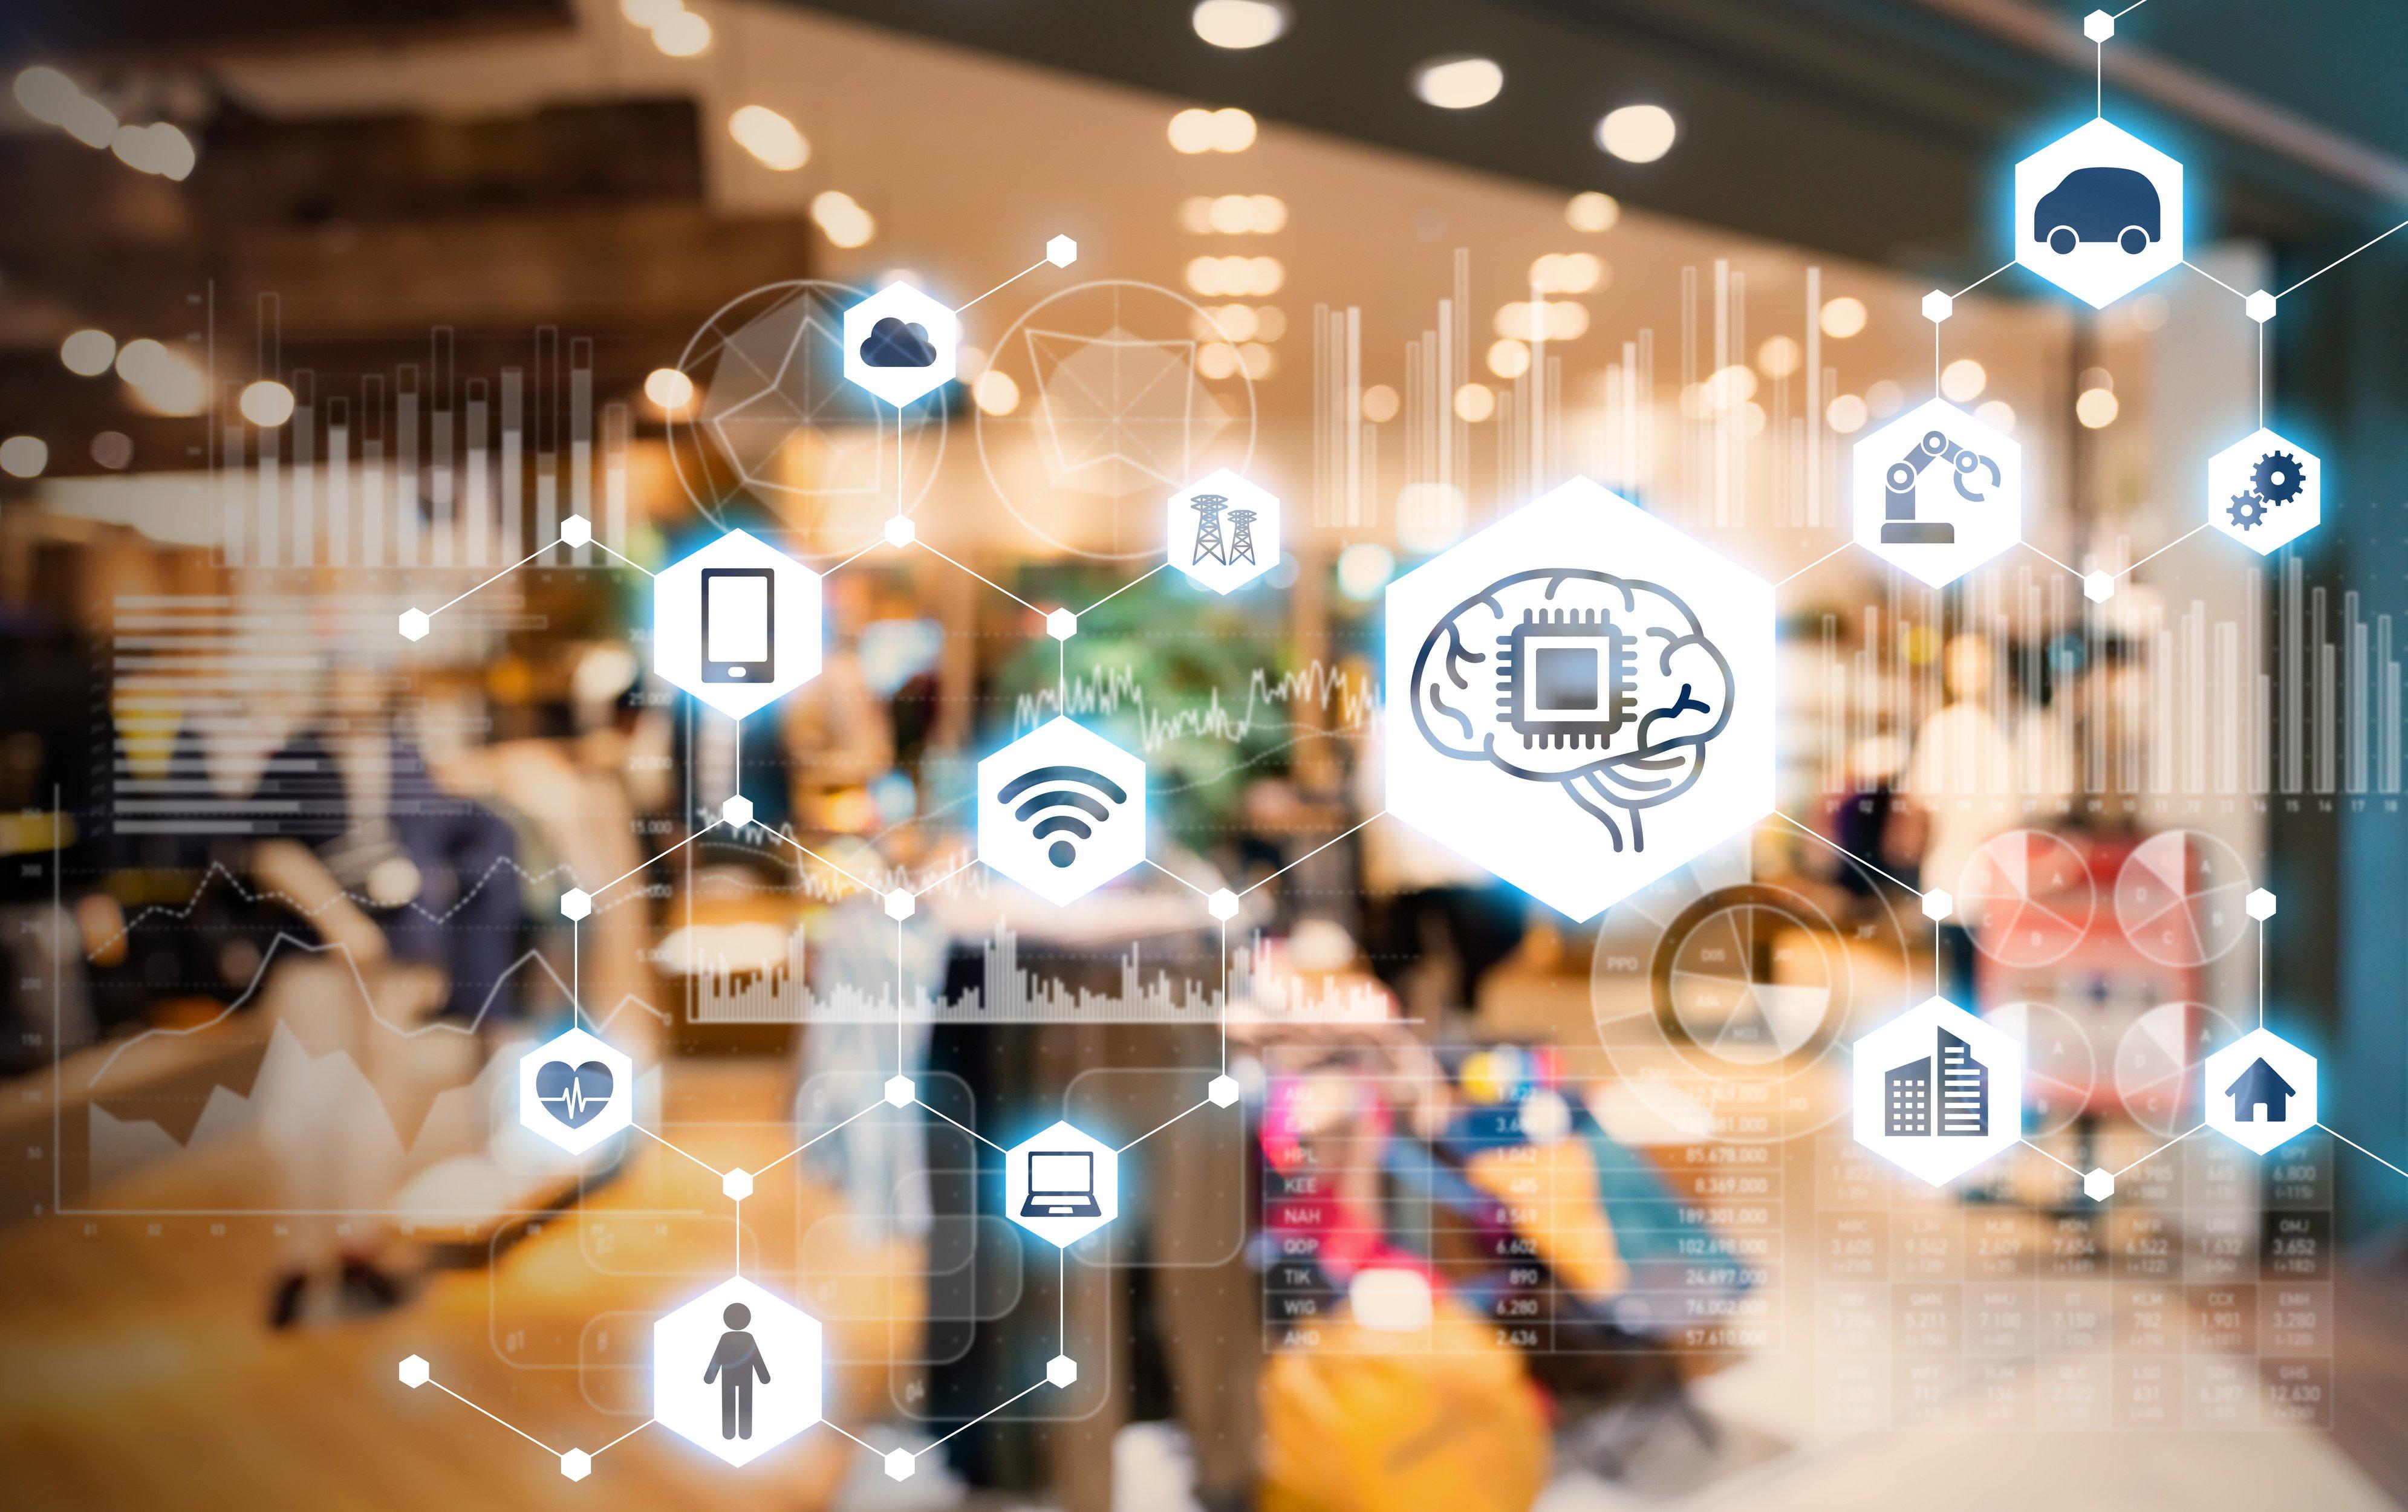 Empresas del futuro: 5 aspectos clave del panorama empresarial